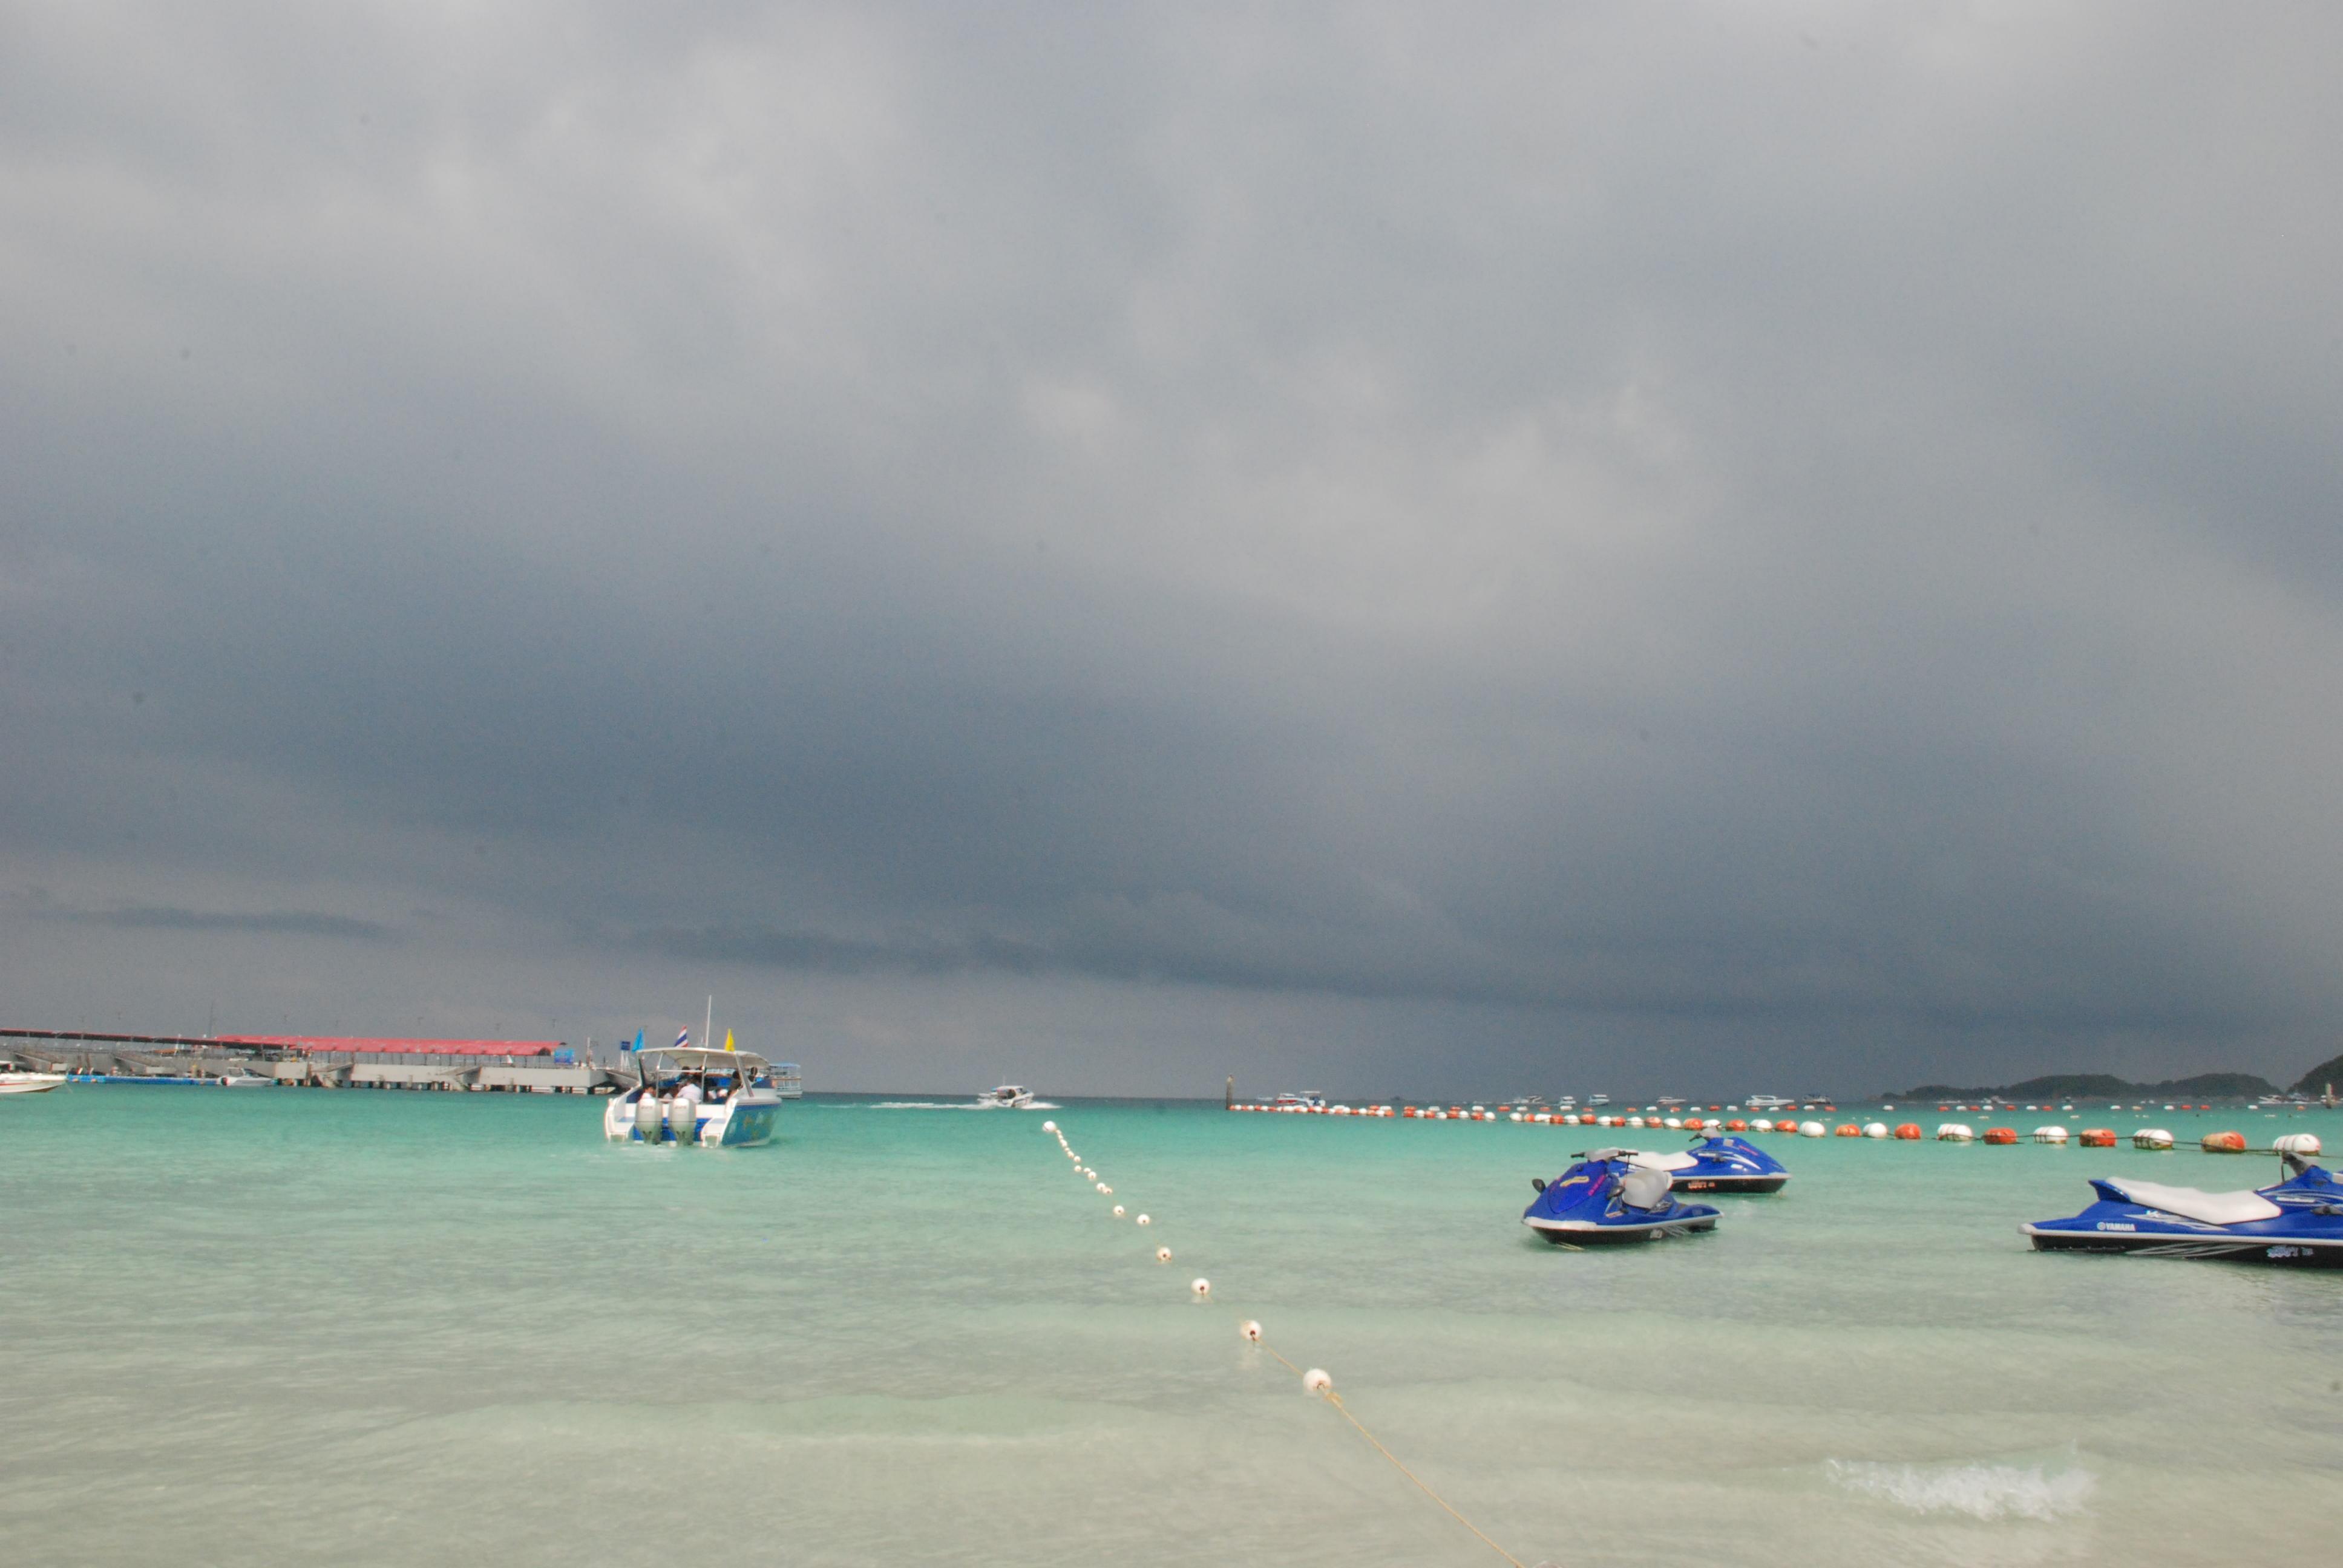 在泰国海岛被敲诈的经历